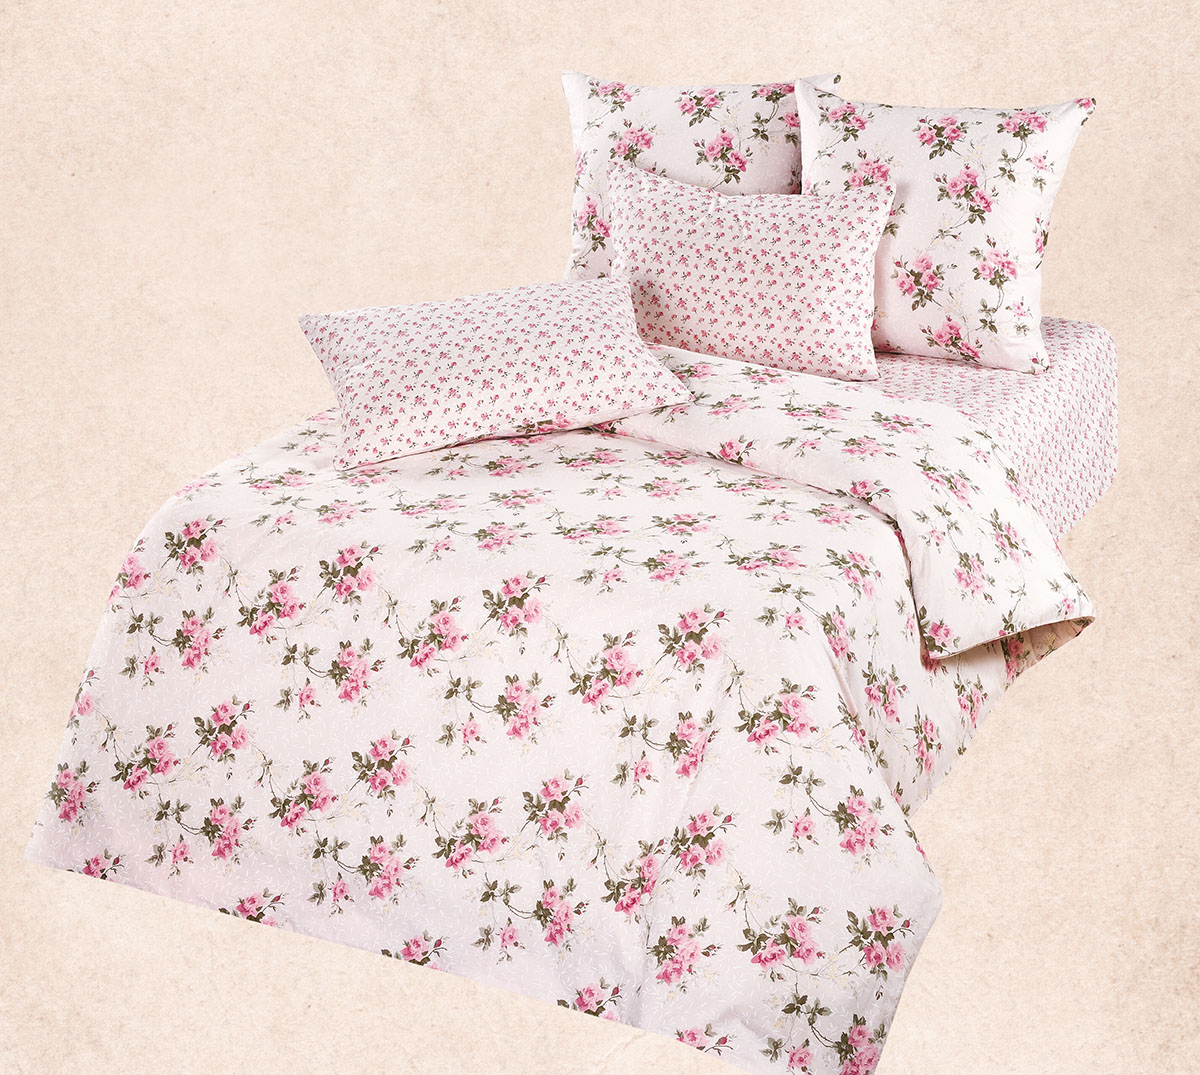 Комплект Роза, размер 2,0-спальный с европростынейРанфорс<br><br><br>Тип: КПБ<br>Размер: 2,0-сп. евро<br>Материал: Ранфорс